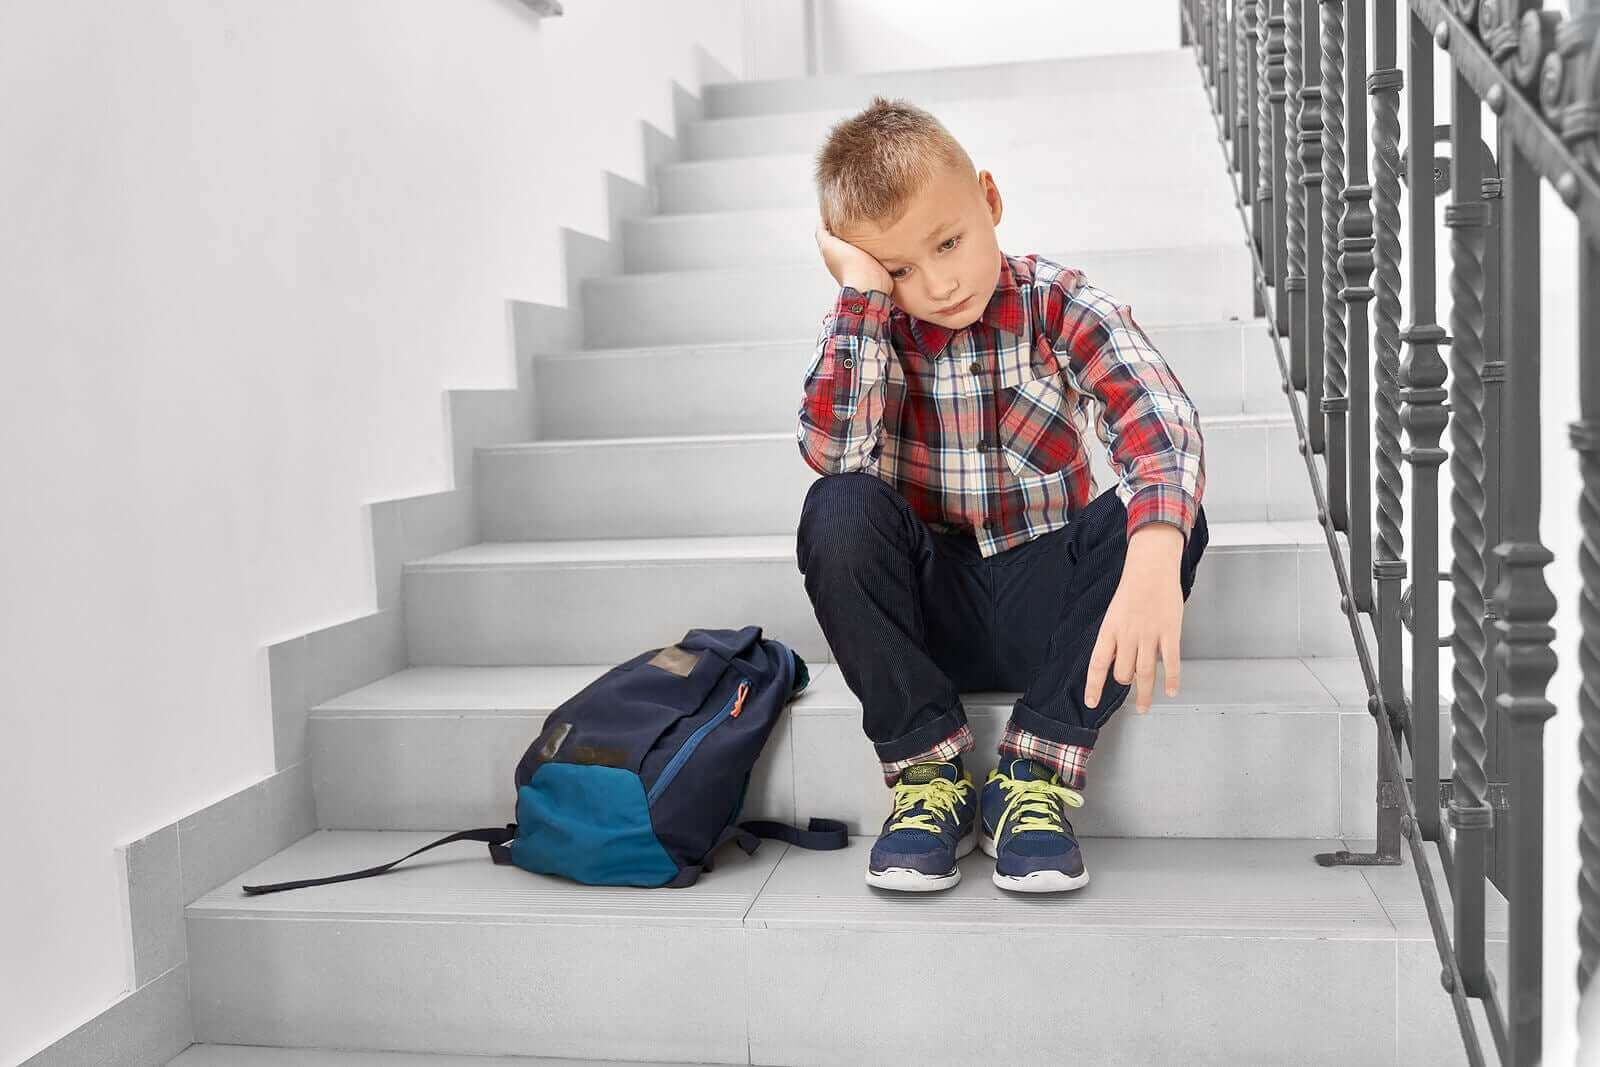 Merdivende yalnız başına oturmuş düşünen çocuk